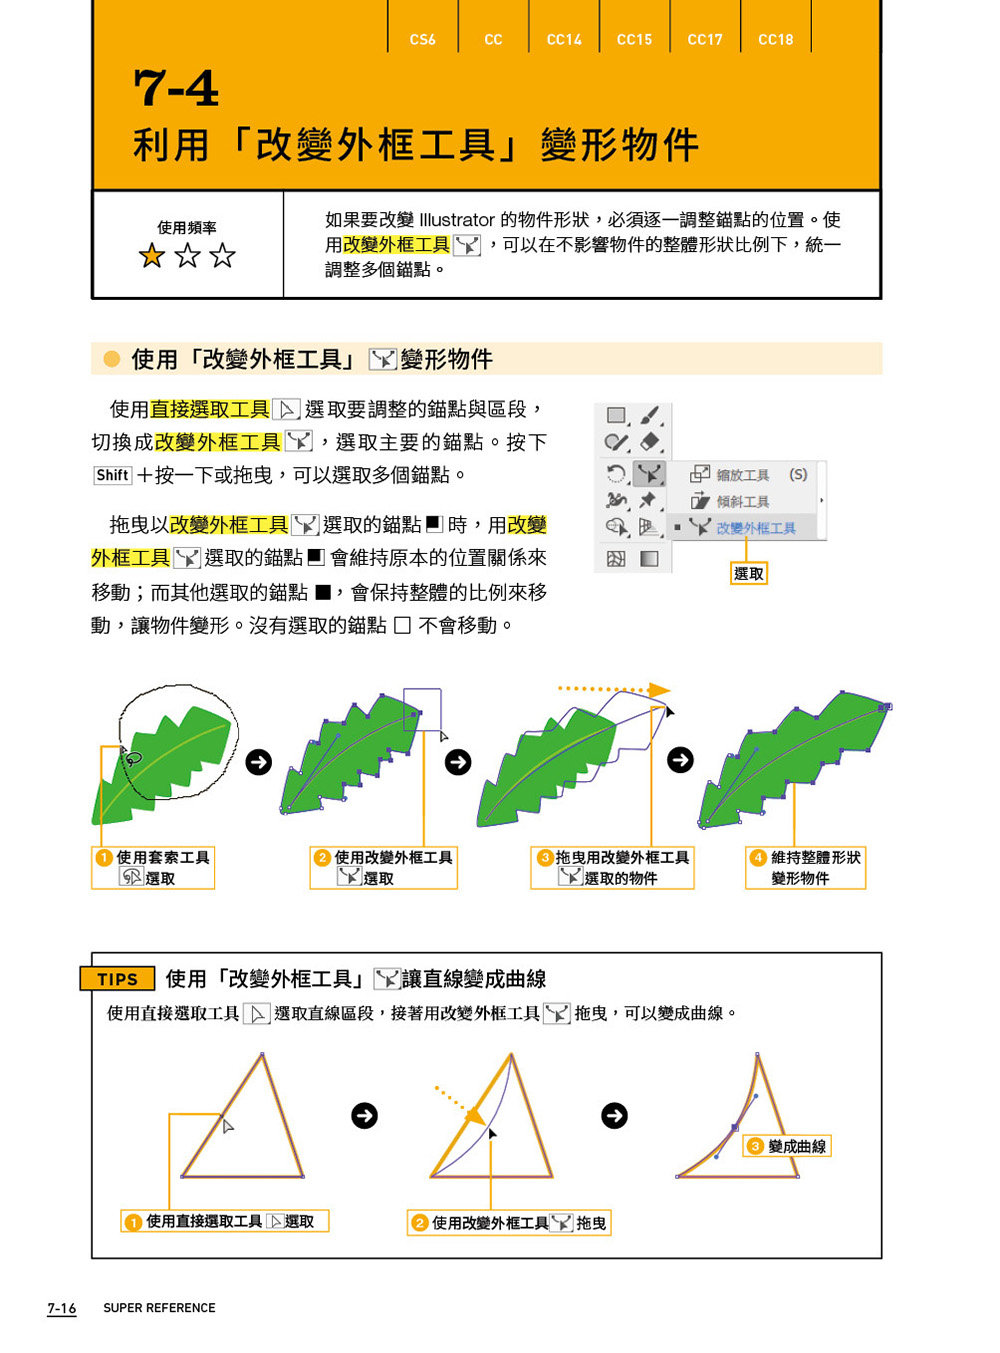 自學必備!Illustrator 超級參考手冊:零基礎也能看得懂、學得會-preview-10